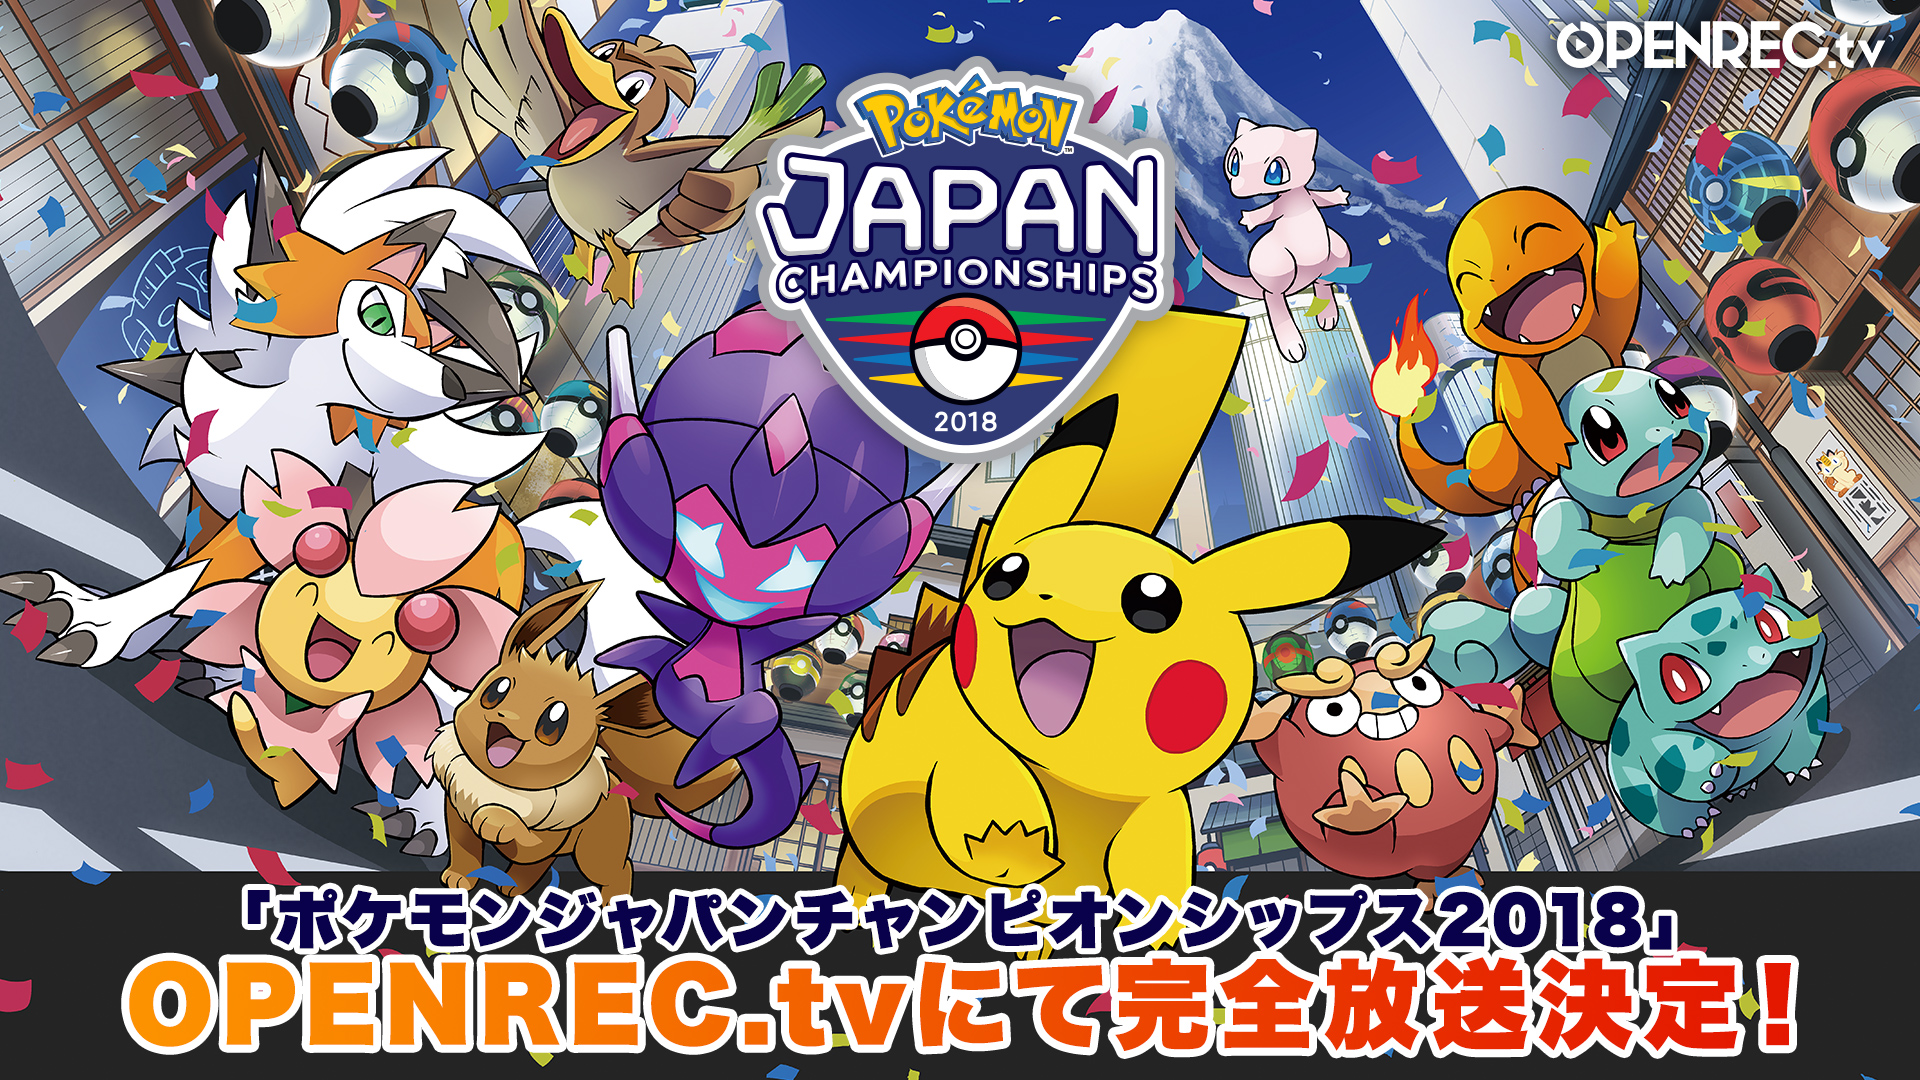 ゲーム動画配信プラットフォーム「openrec.tv」、ポケモンバトル日本一を